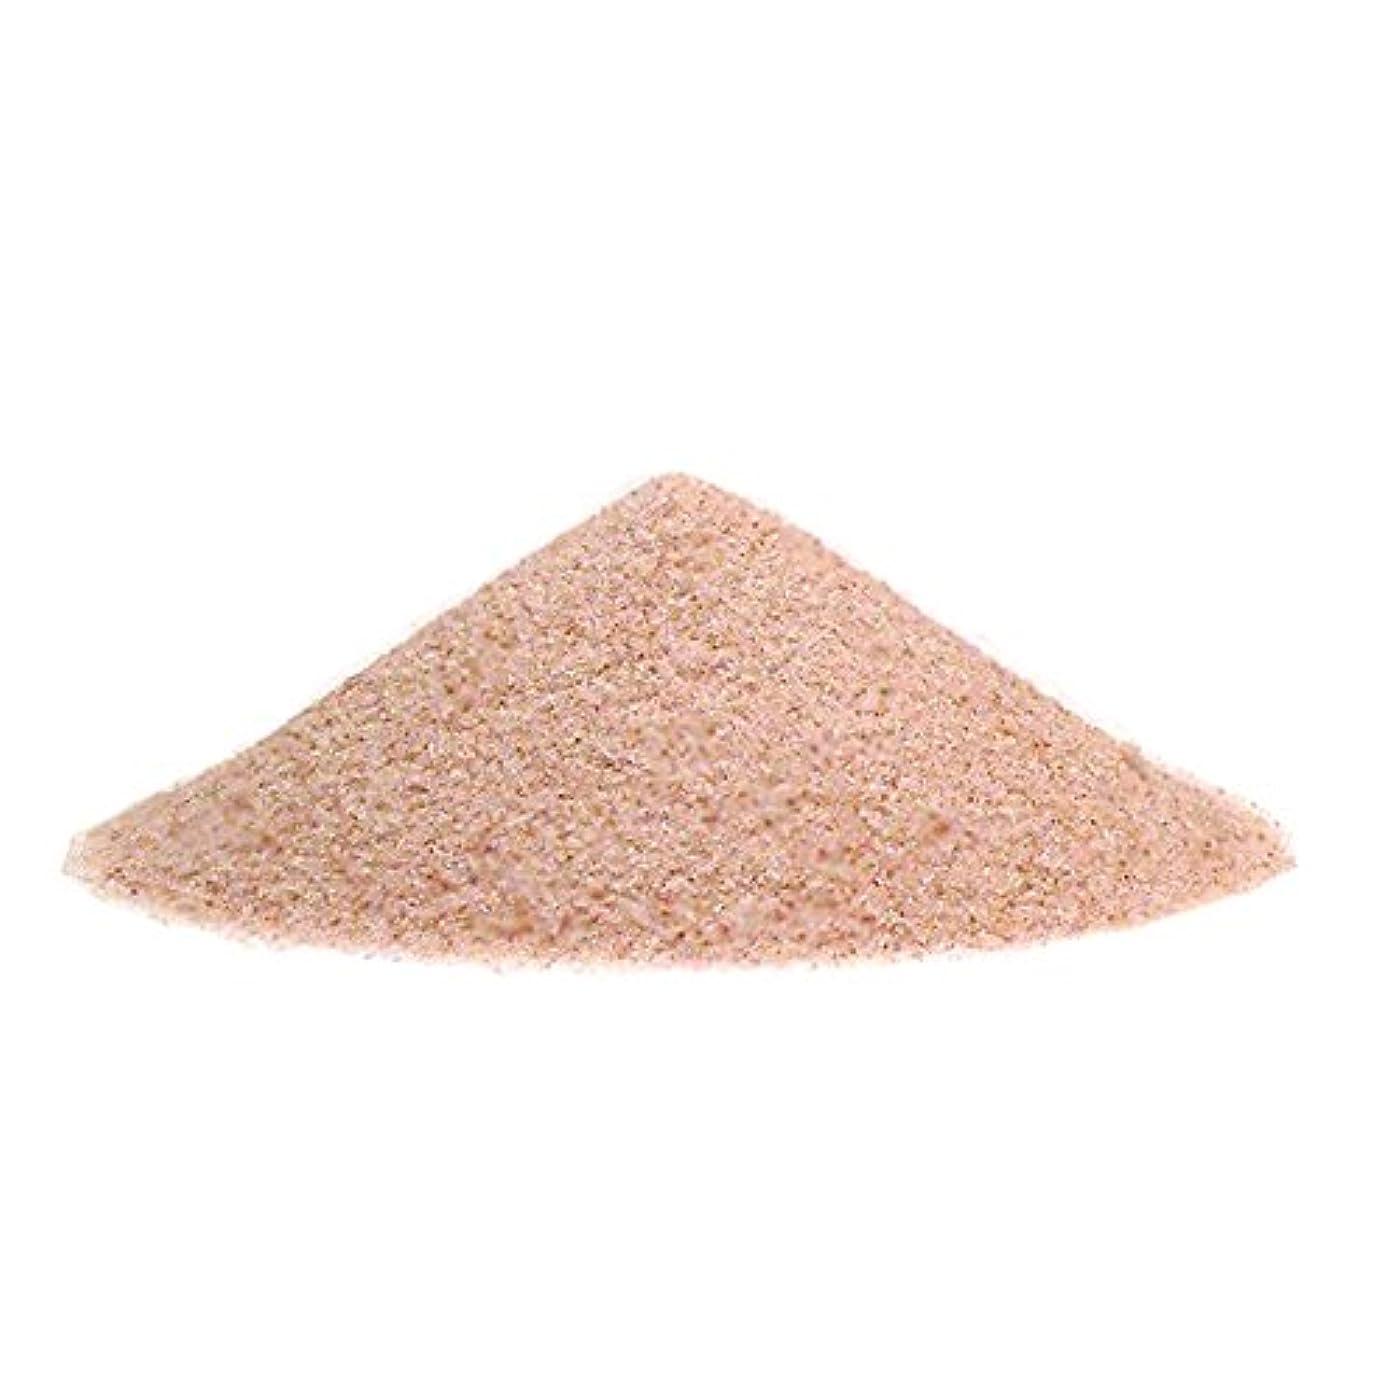 溶接促す自由増量中!ヒマラヤ岩塩 ピンクソルト 入浴用 バスソルト(微粒パウダー) ピンク岩塩 (1kg+増量250g)